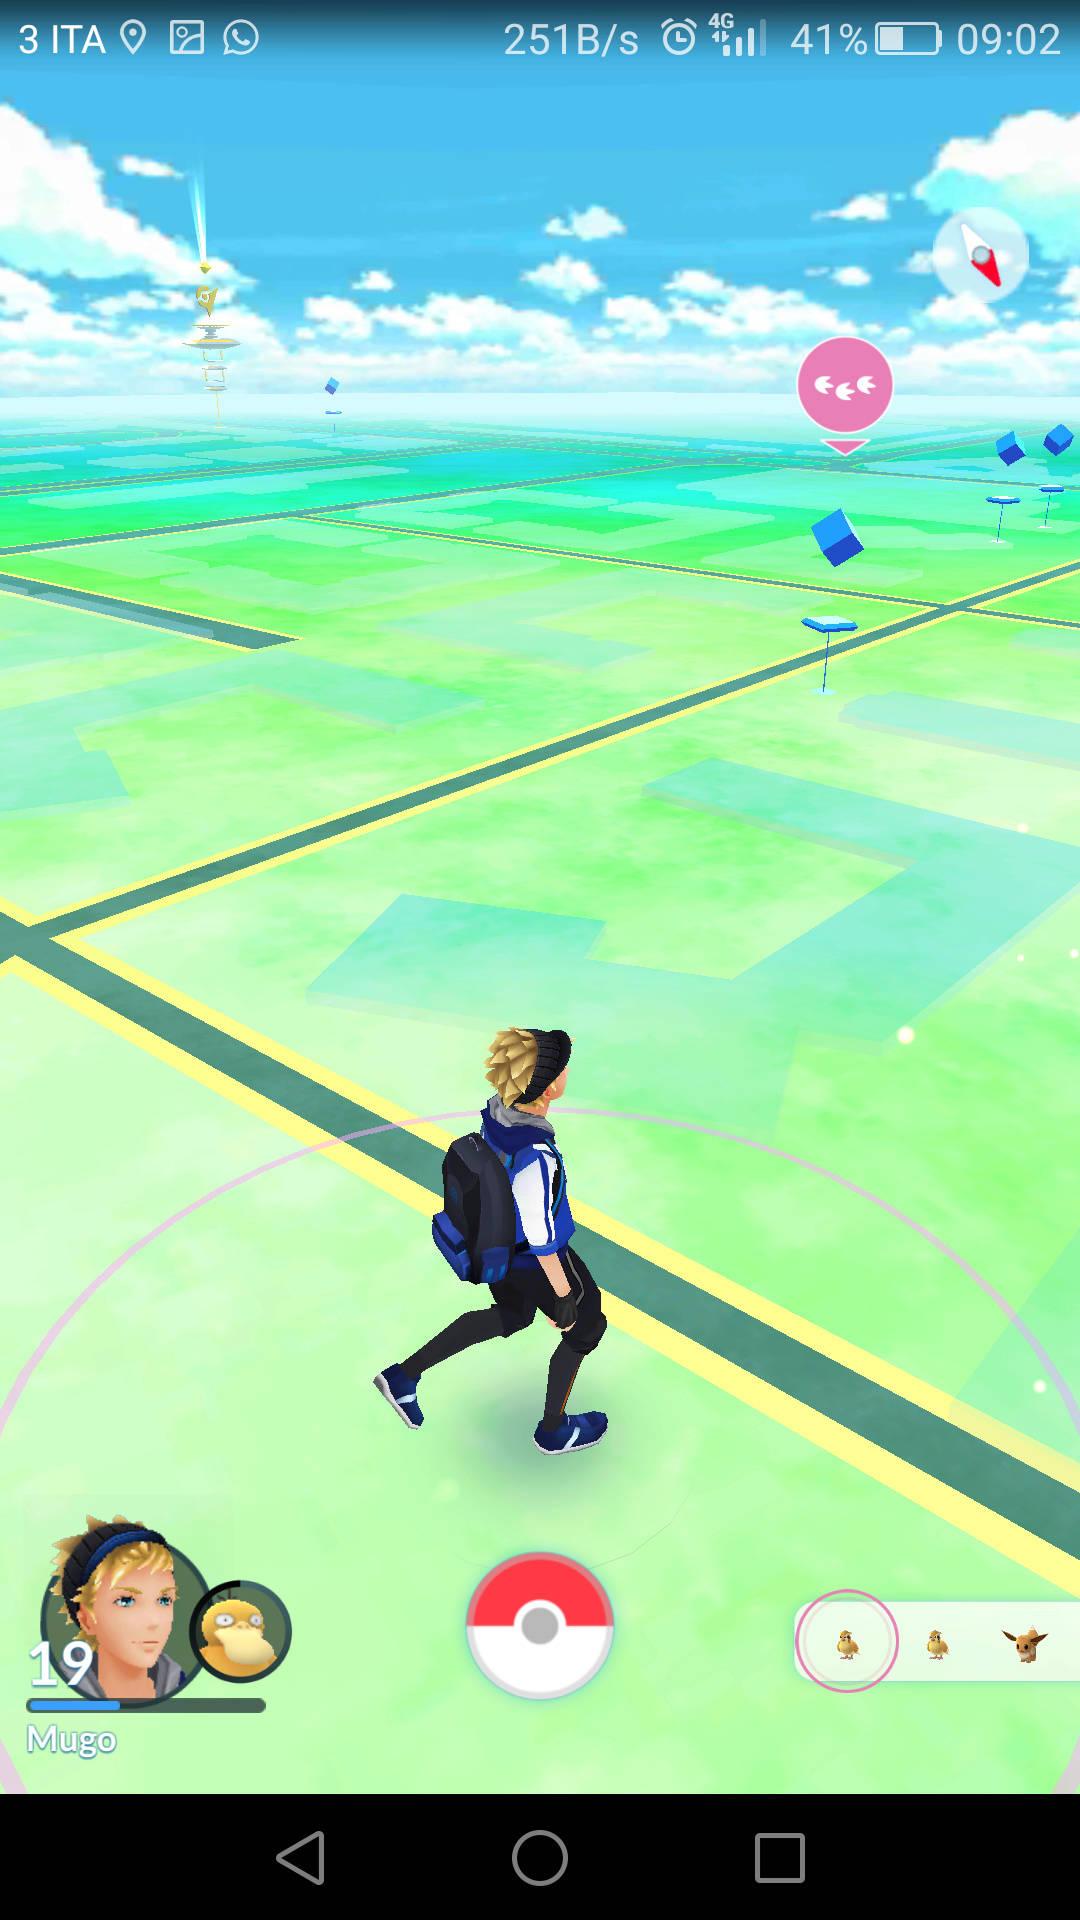 Pokemon Go Avvistamenti 3